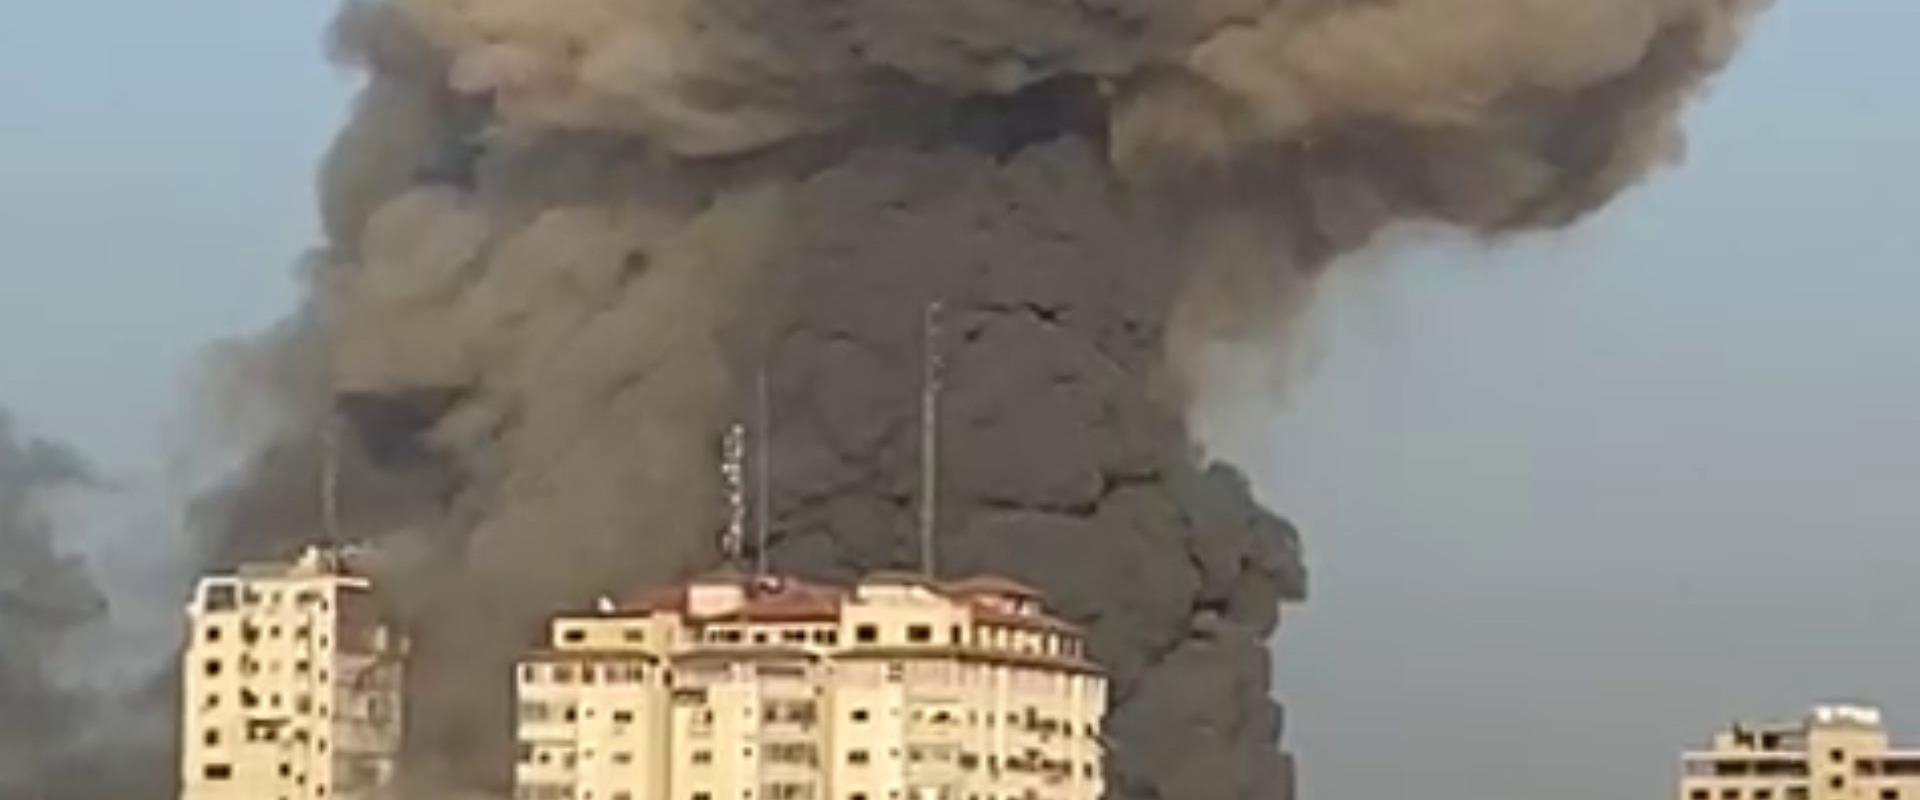 פגיעה בבניינים בעזה